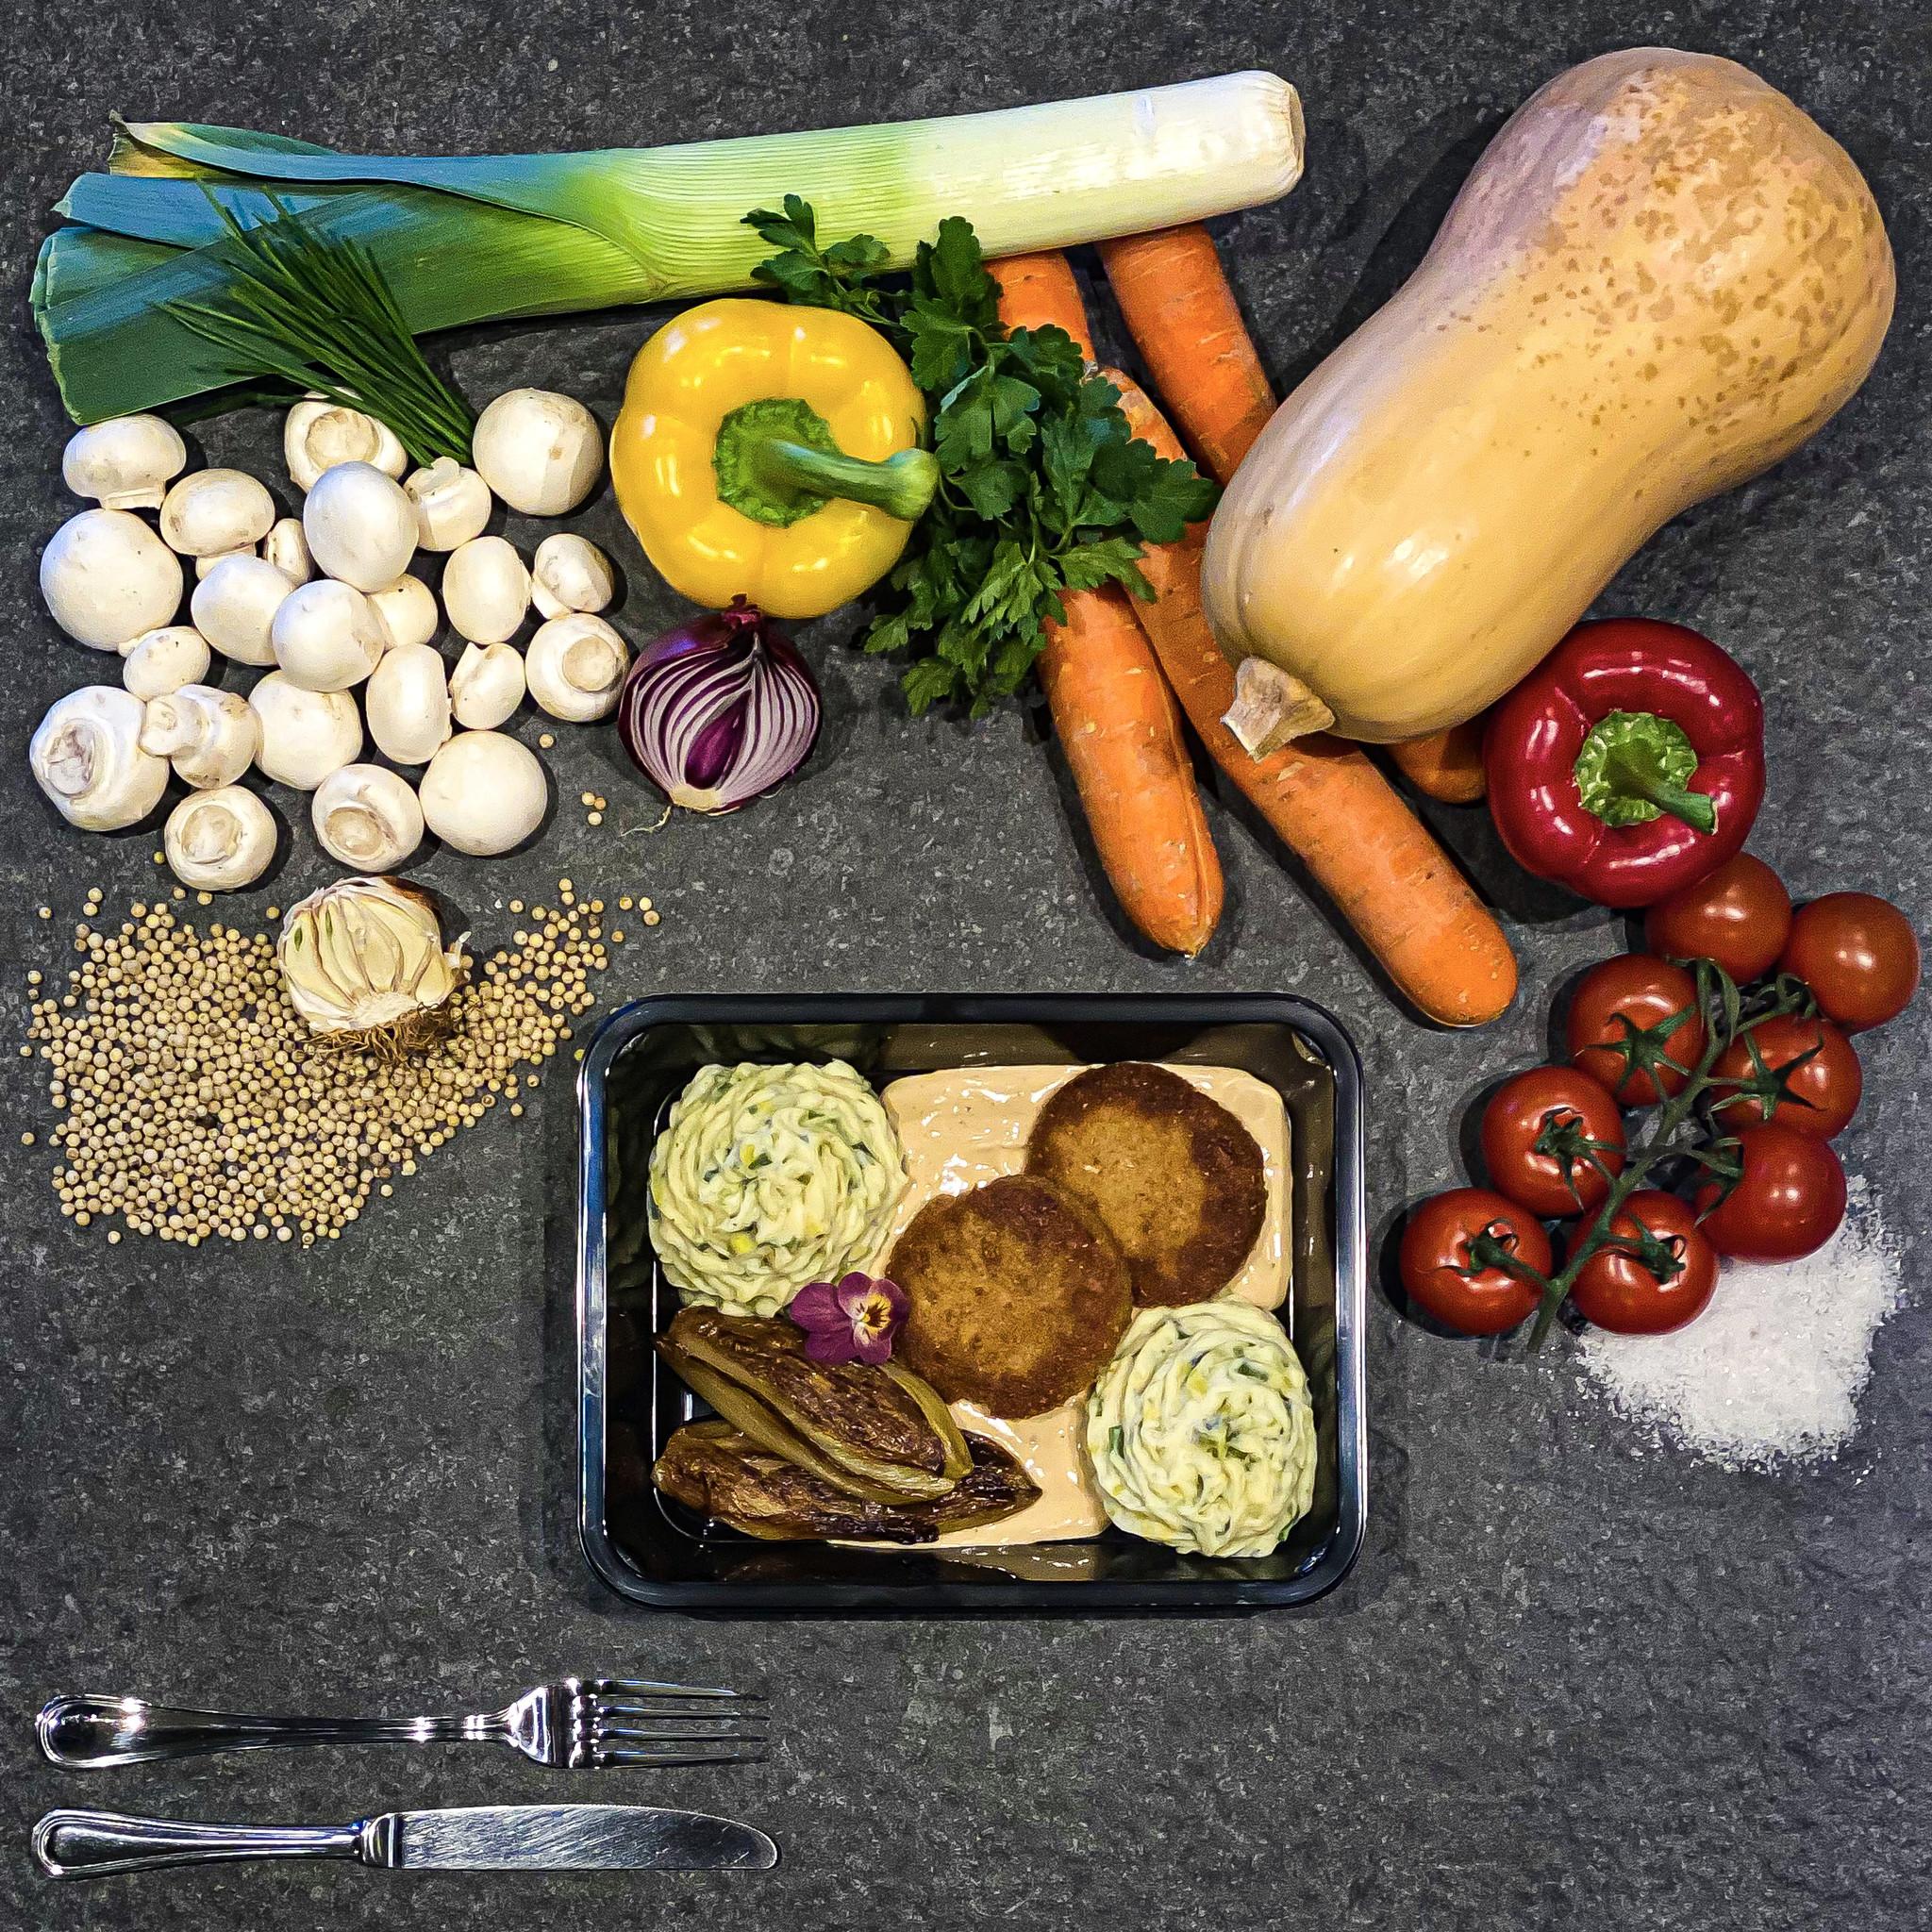 Burger met pepersaus, preipuree en witloof-1